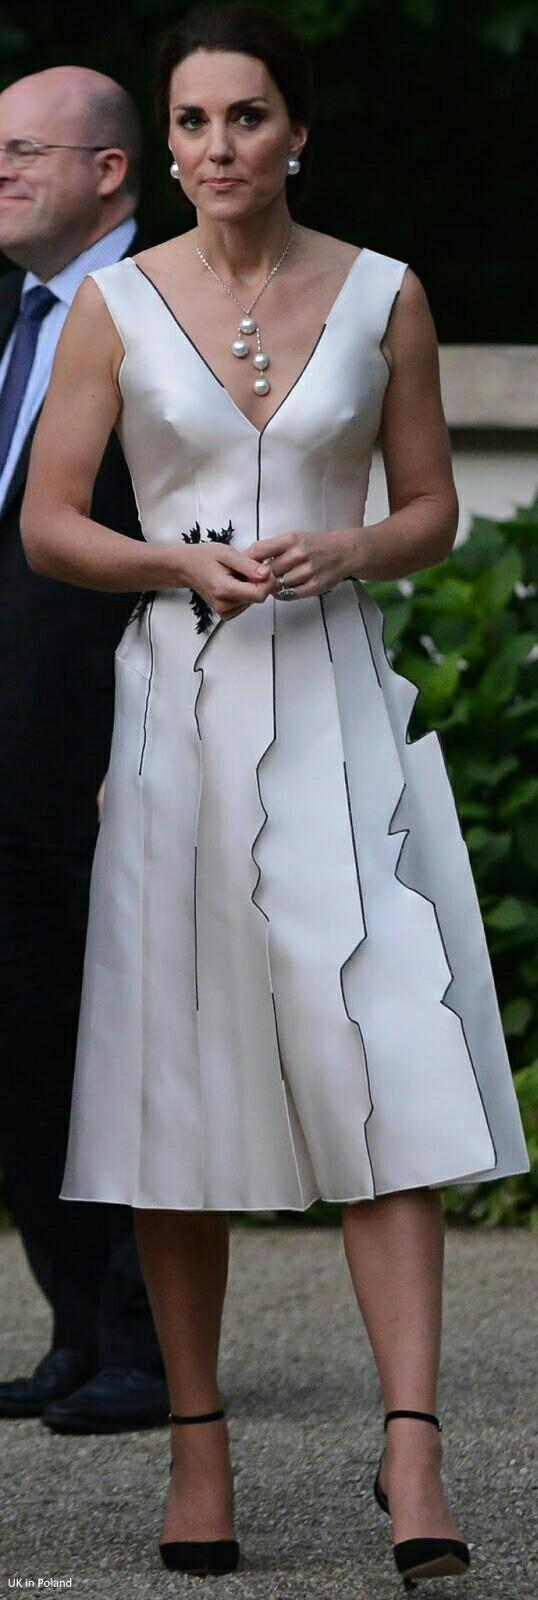 Duchess Catherine In Gosia Baczynska Dress  Prada Clutch